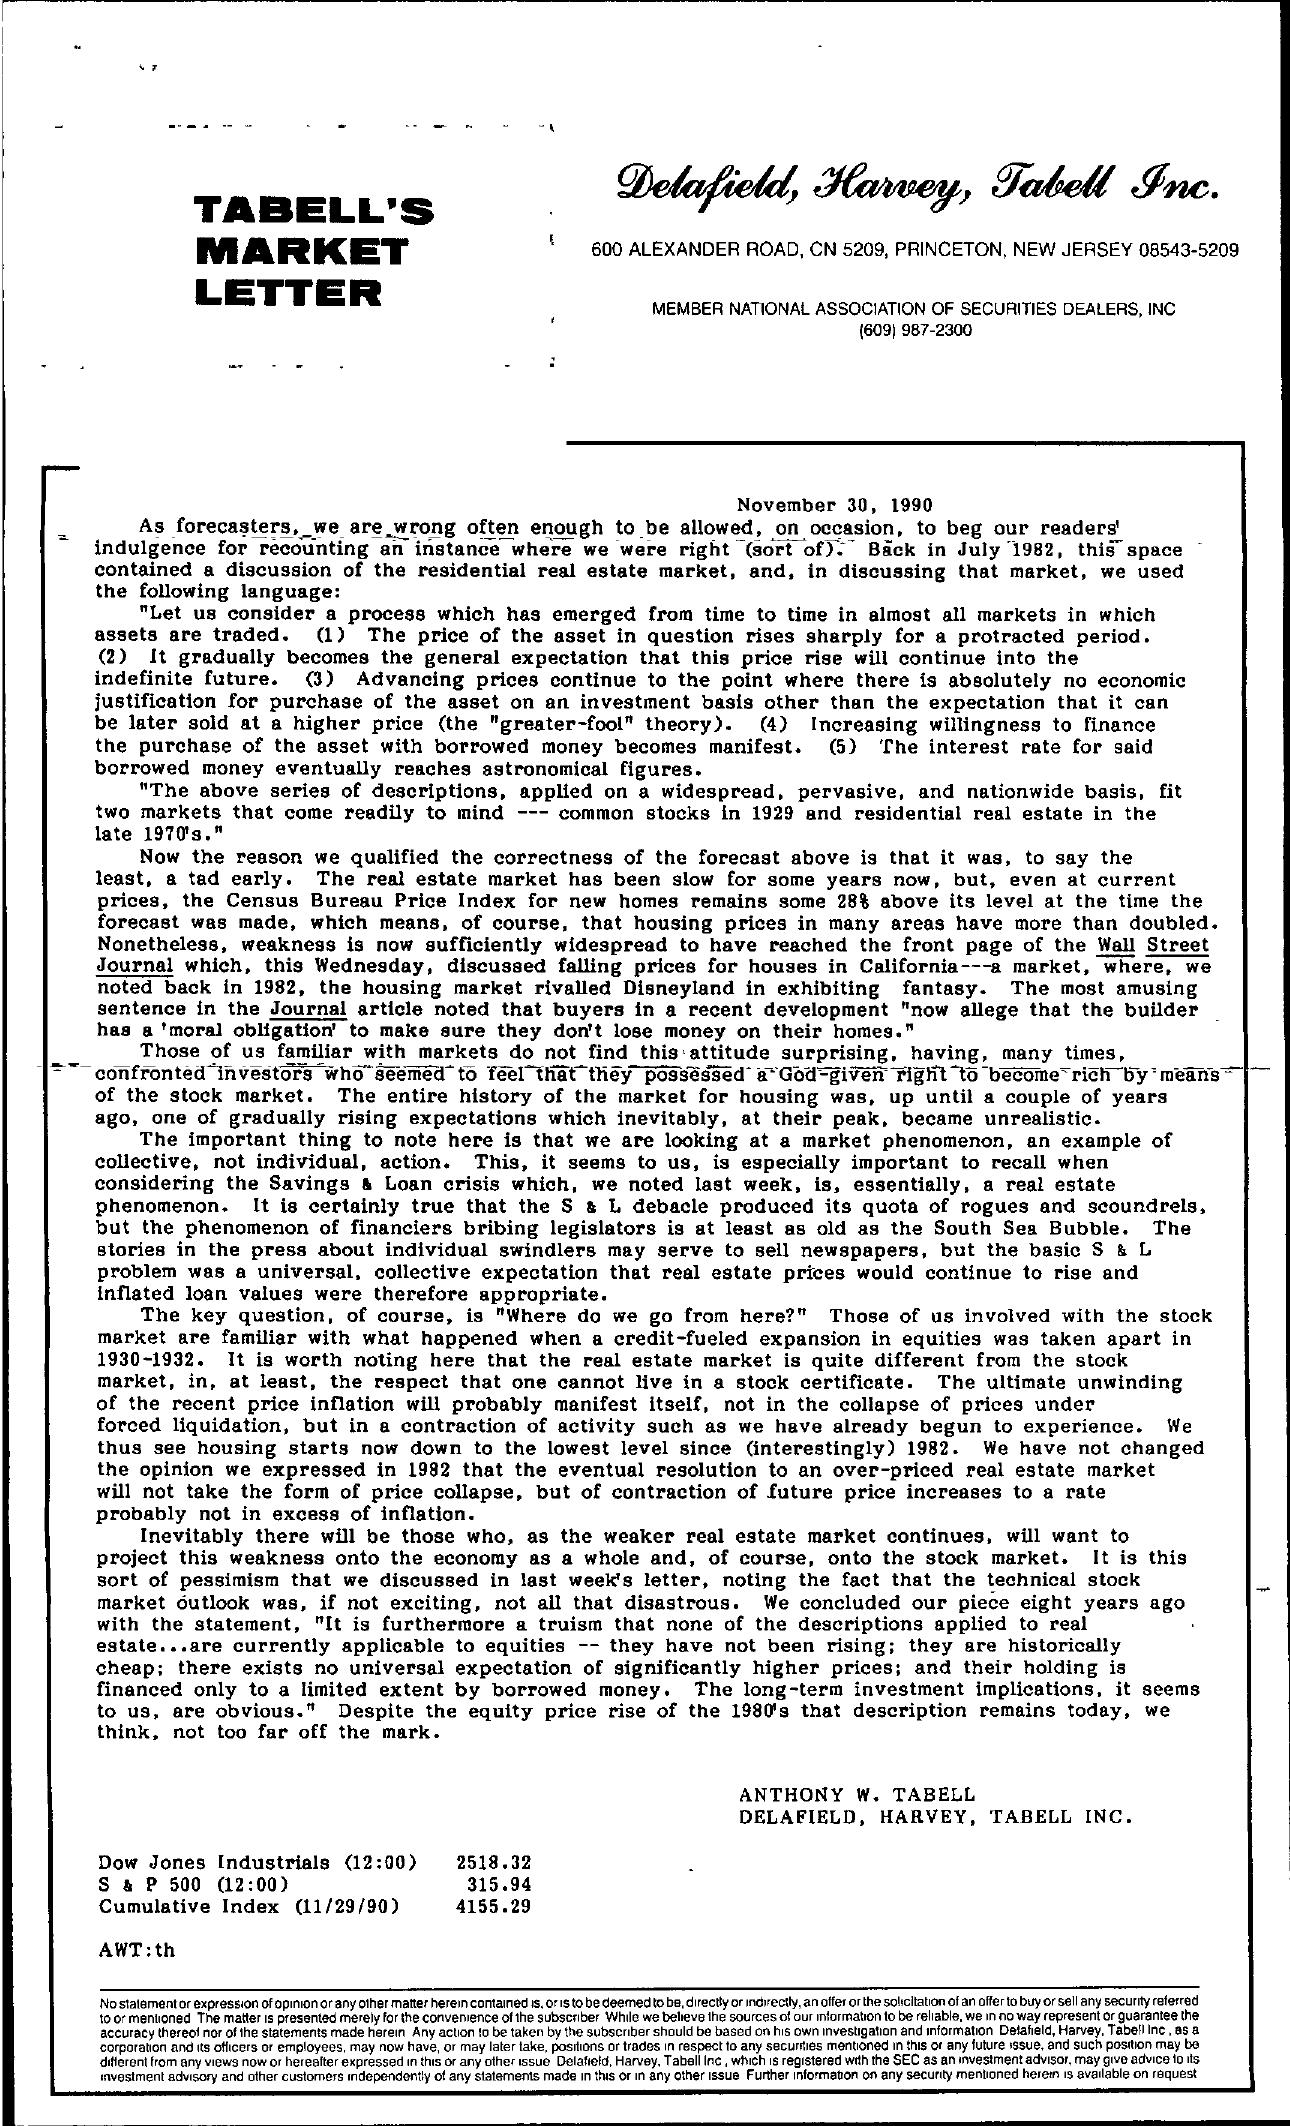 Tabell's Market Letter - November 30, 1990